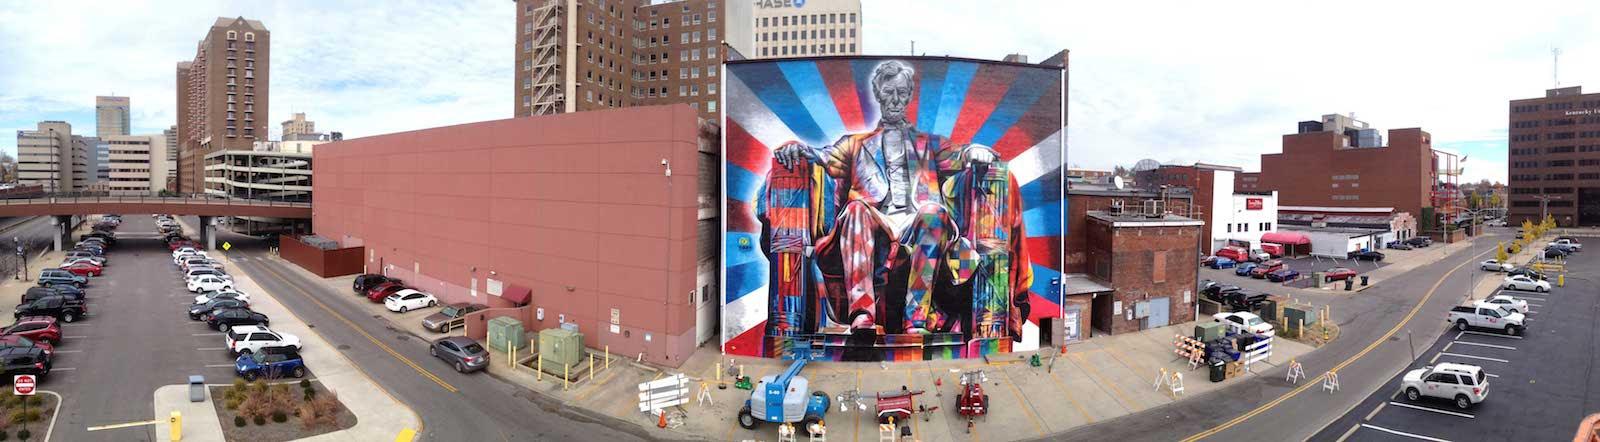 Street Art por Eduardo Kobra de Abraham Lincoln, em Kentucky, EUA 564789